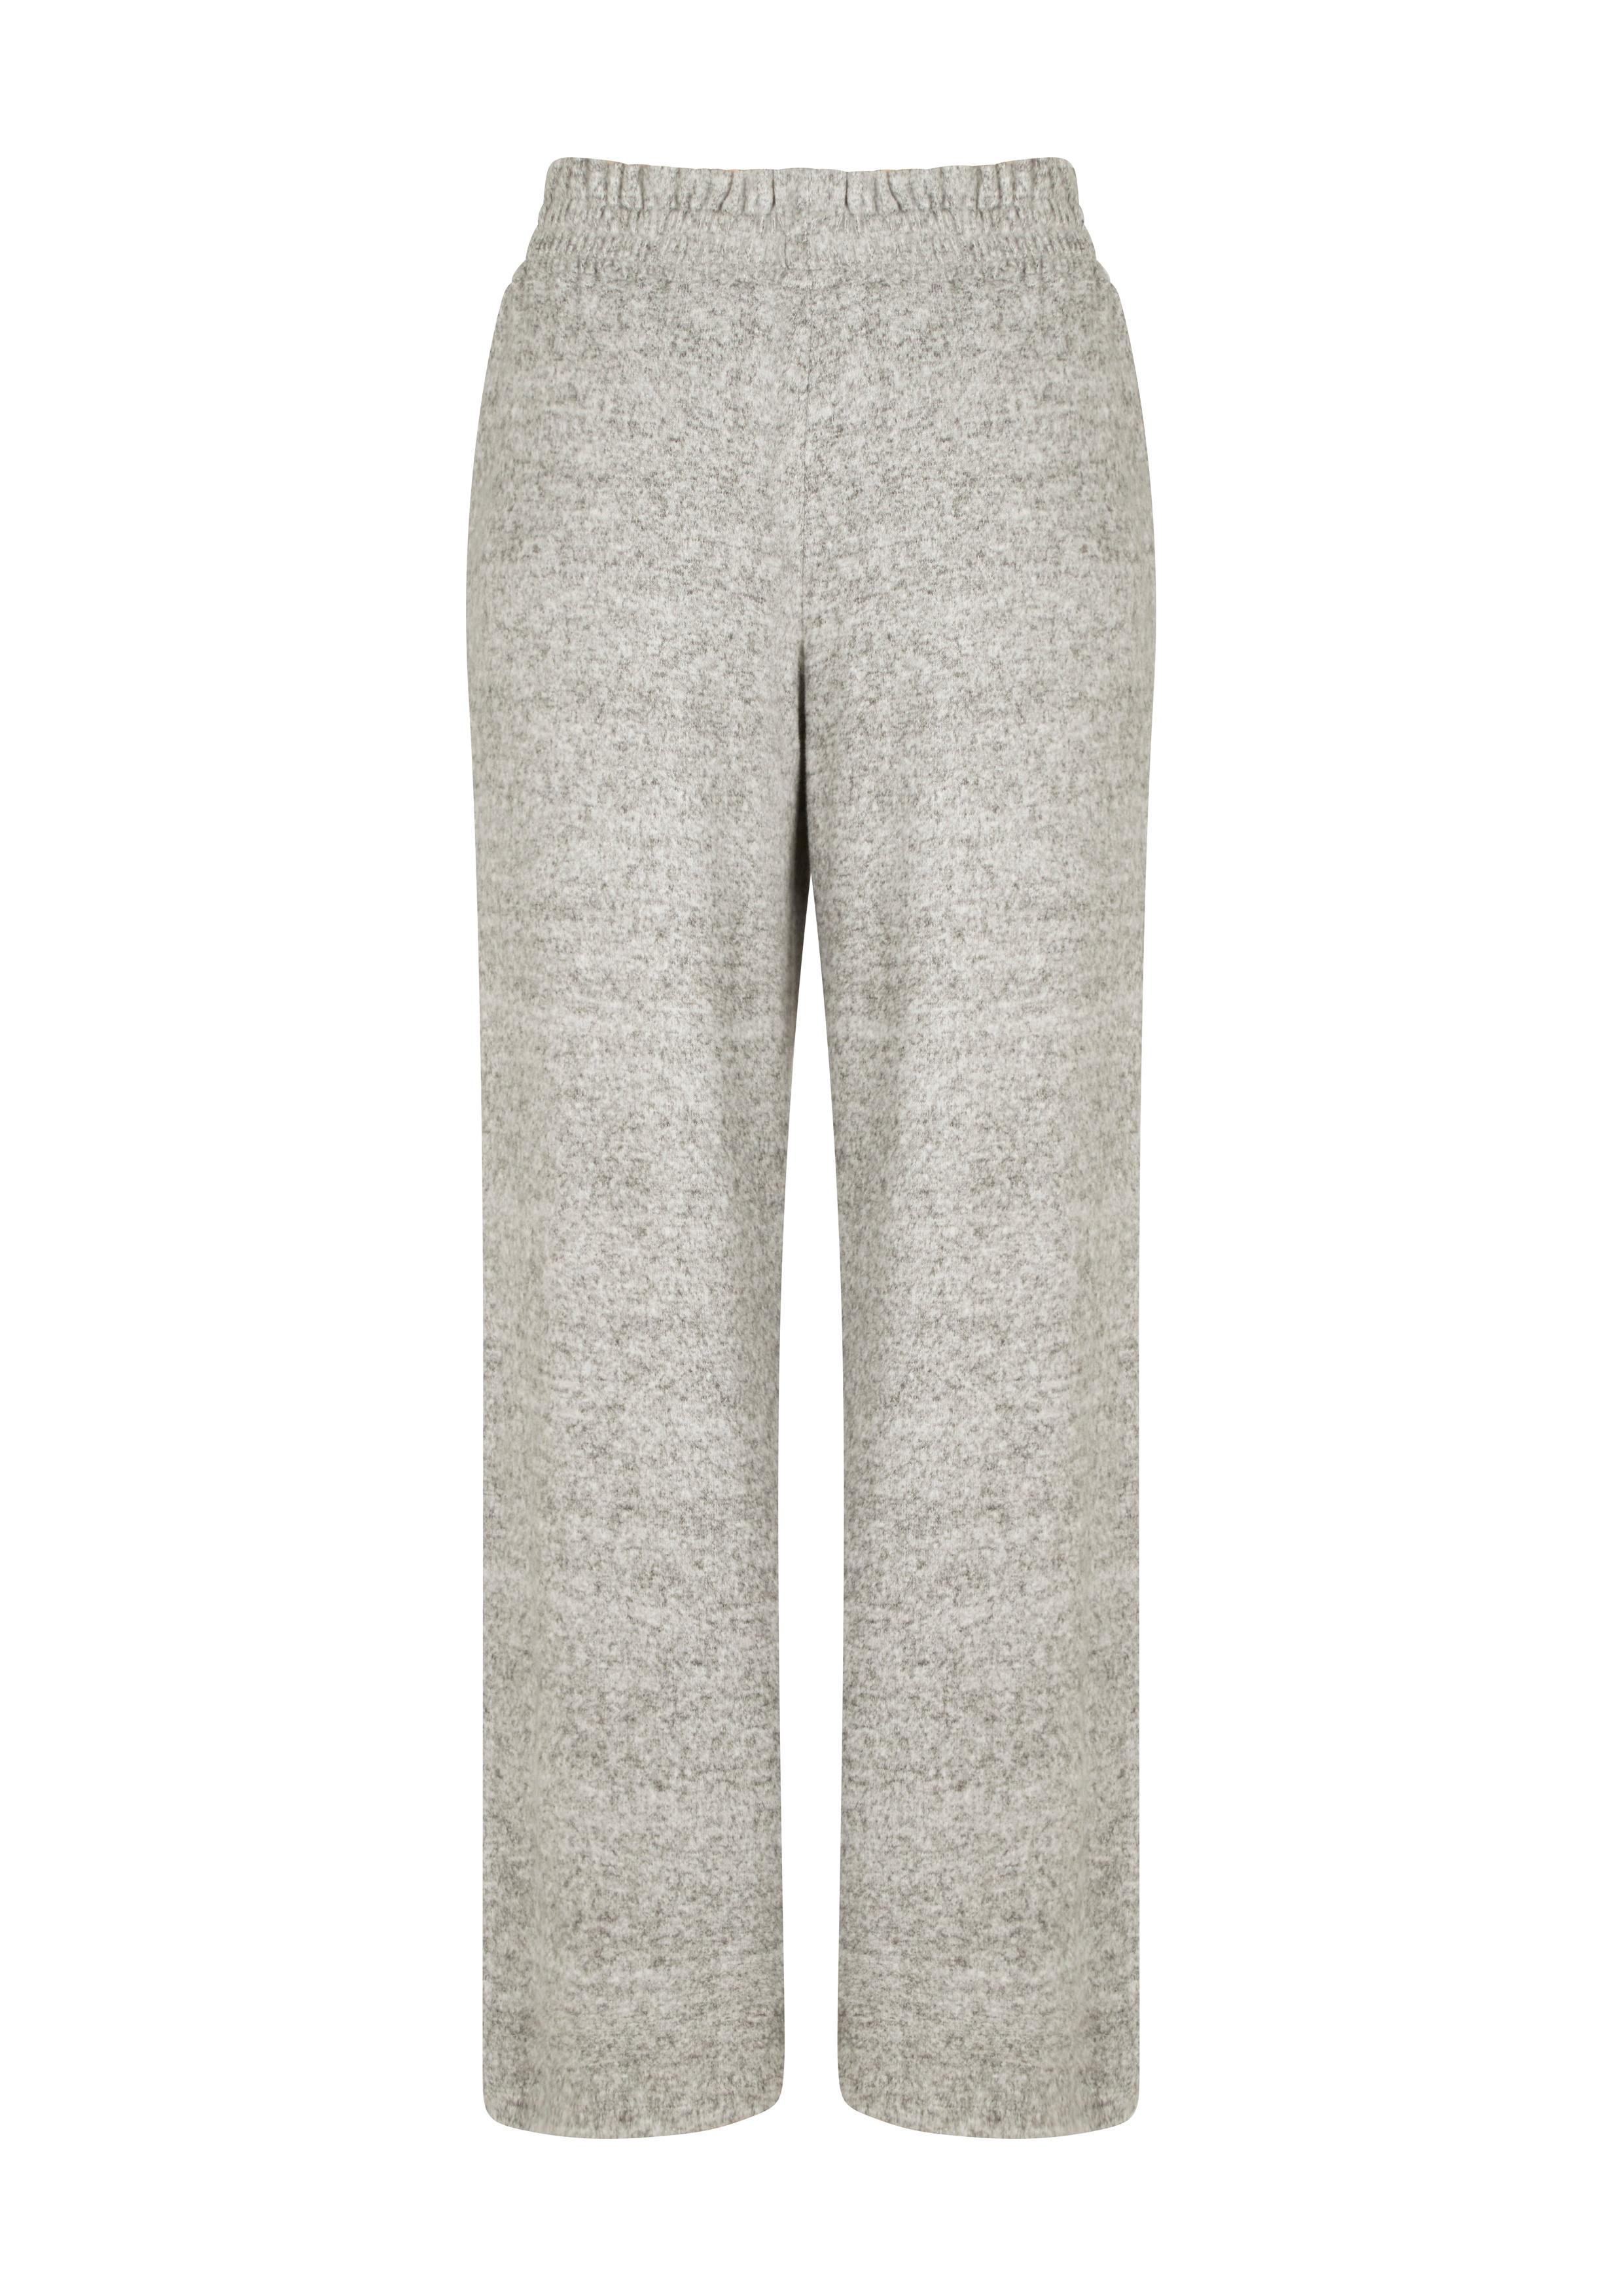 Pantaloni tuta, Grigio, large image number 1